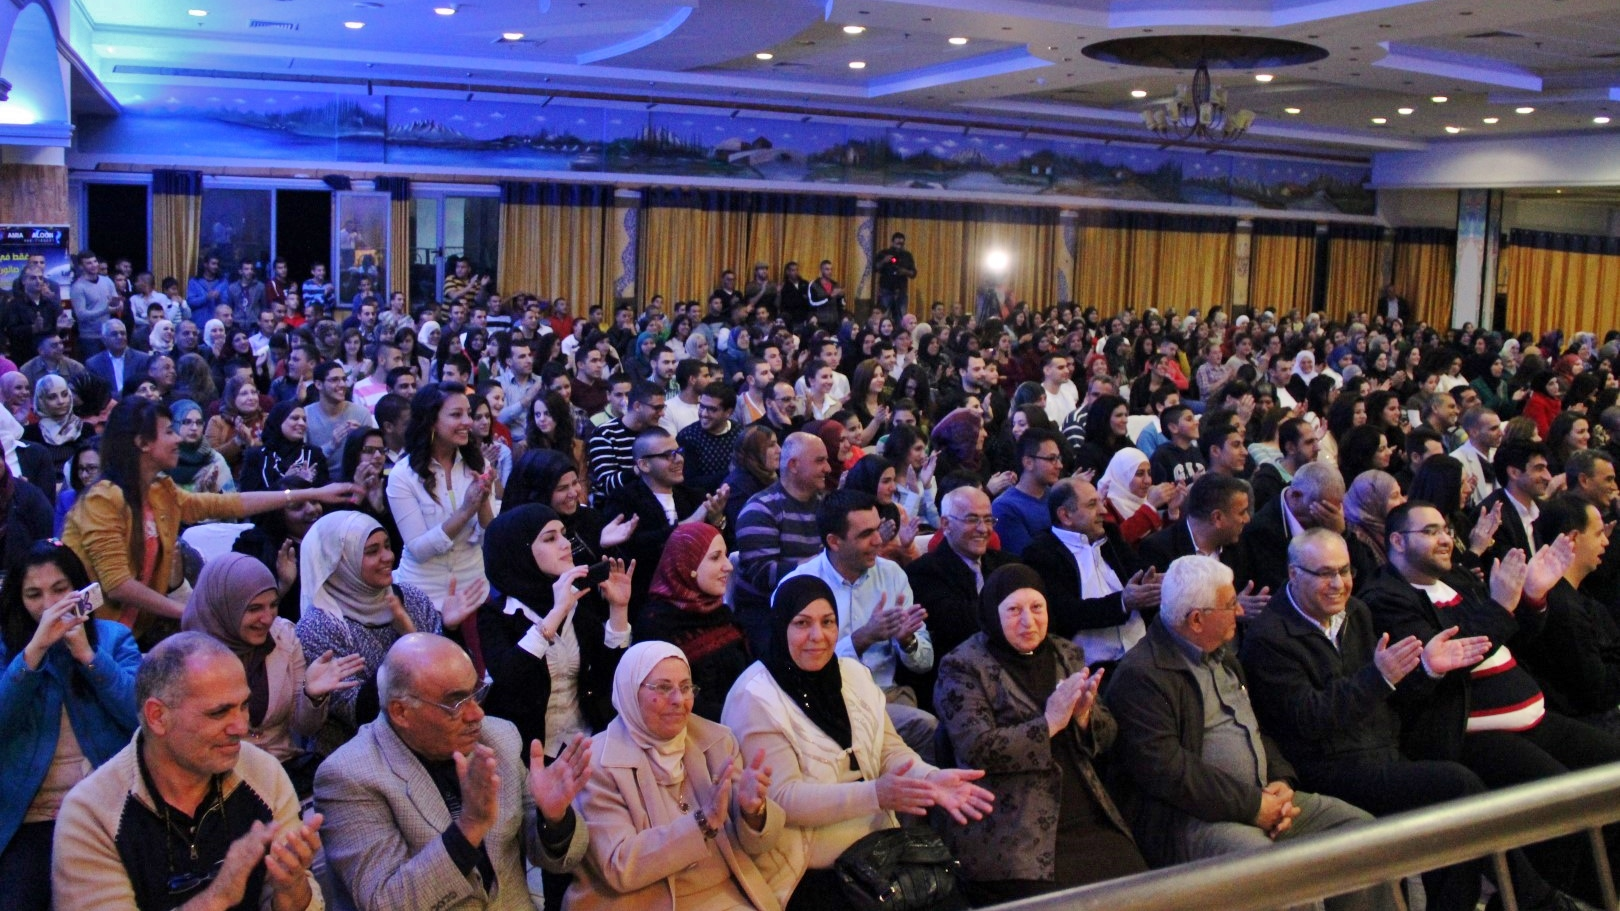 """نظمها التجمع: باقة الغربية تحتضن المئات في أمسية خيرية """"عشان ليان"""""""